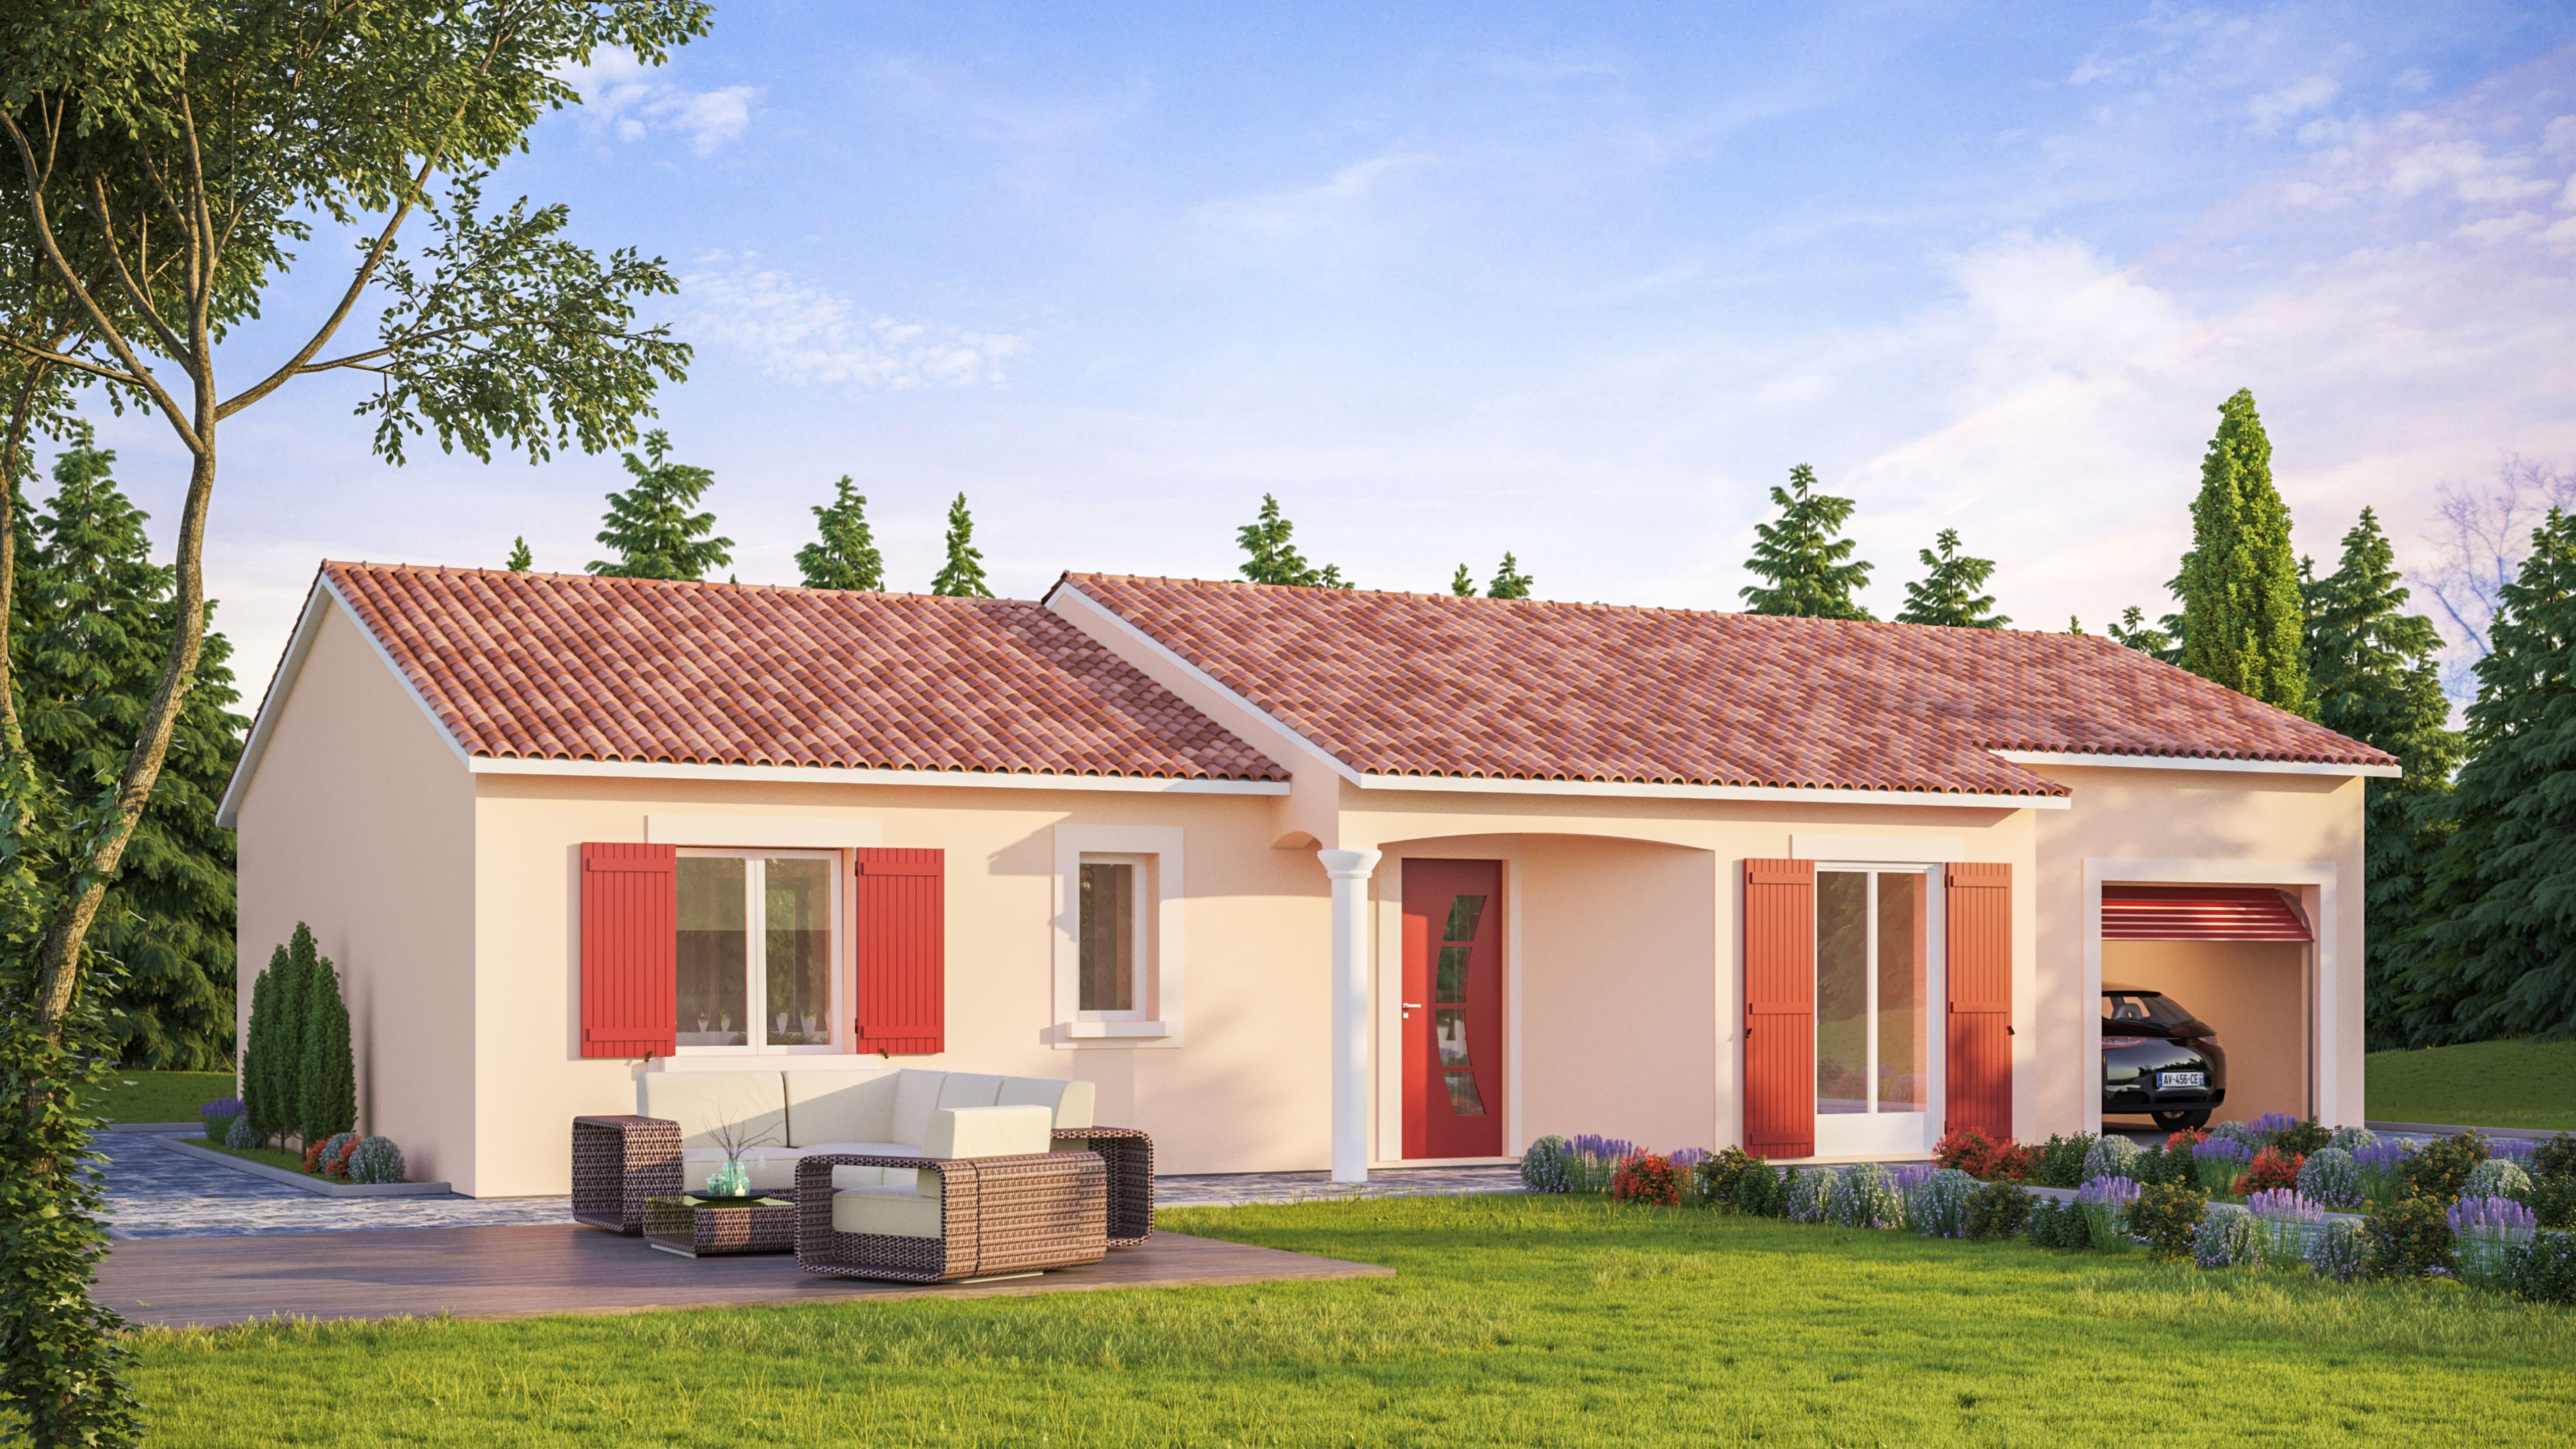 Maisons + Terrains du constructeur VIV'HOME • 91 m² • LONGEVES